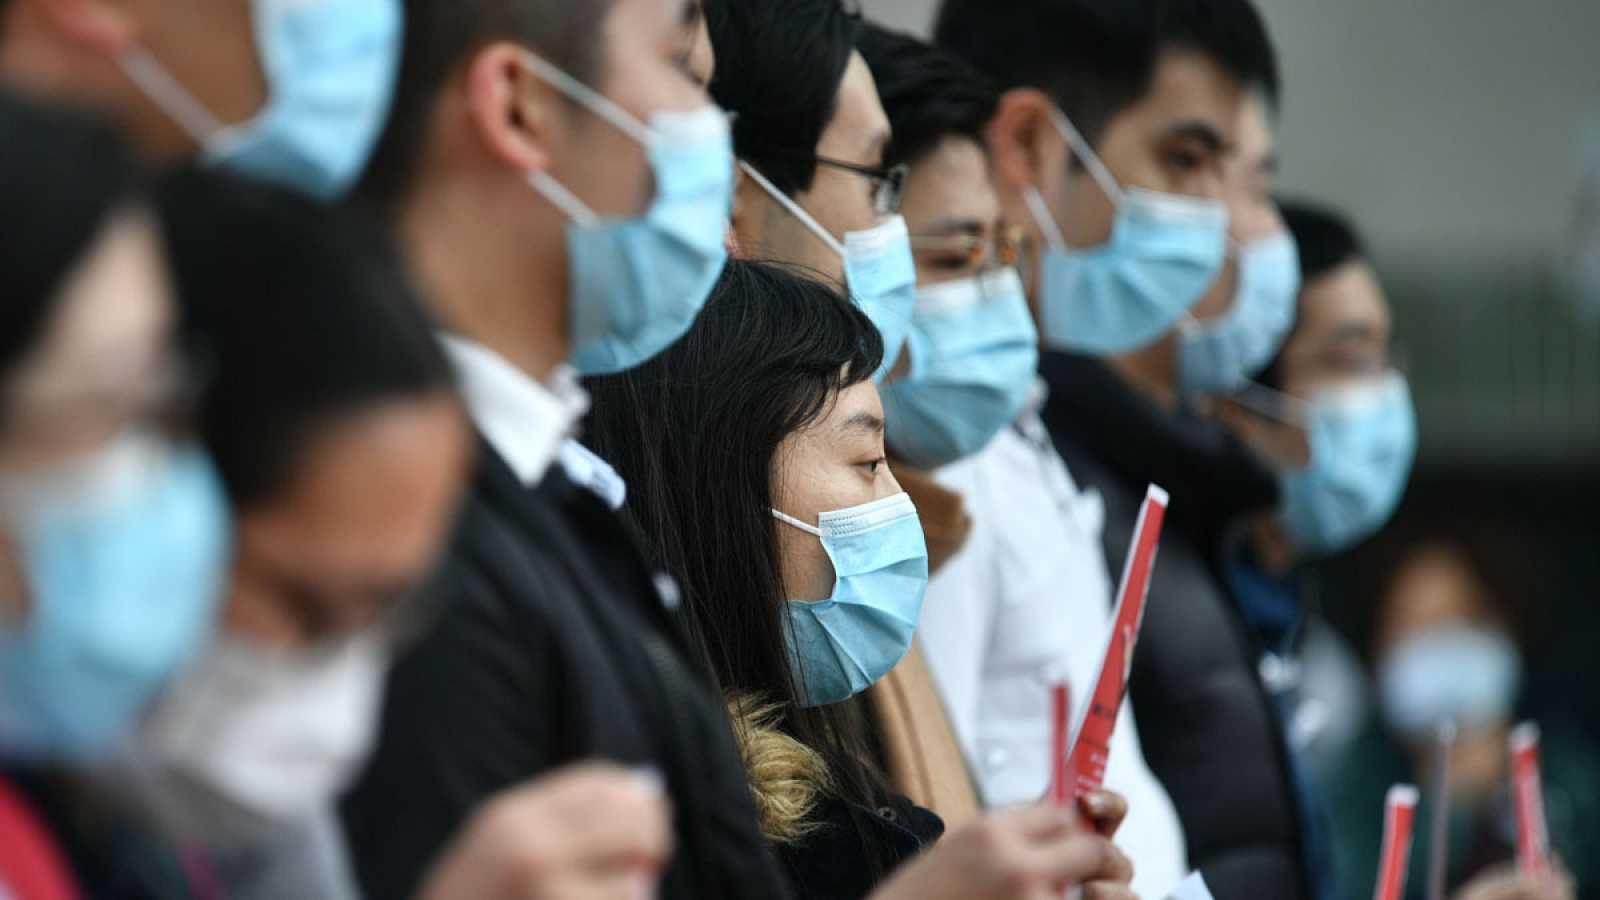 El personal médico de Hong Kong, en huelga para pedir el cierre de la frontera con China para evitar la expansión del coronavirus.